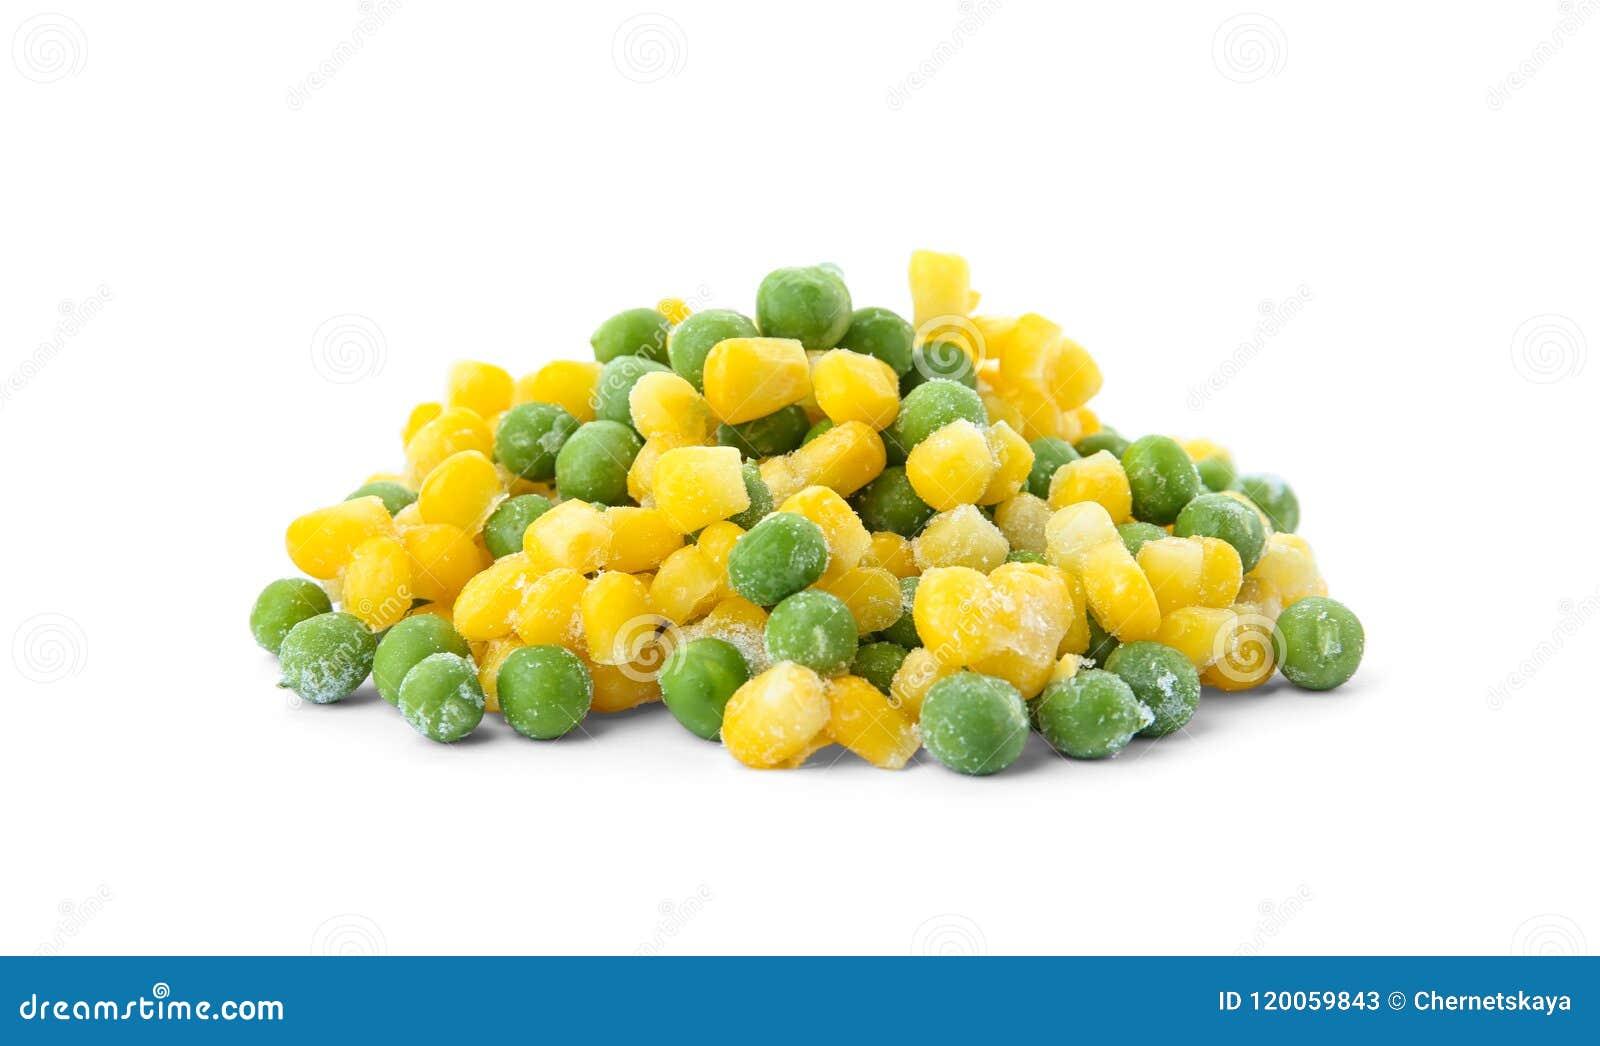 冷冻玉米和豌豆在白色背景